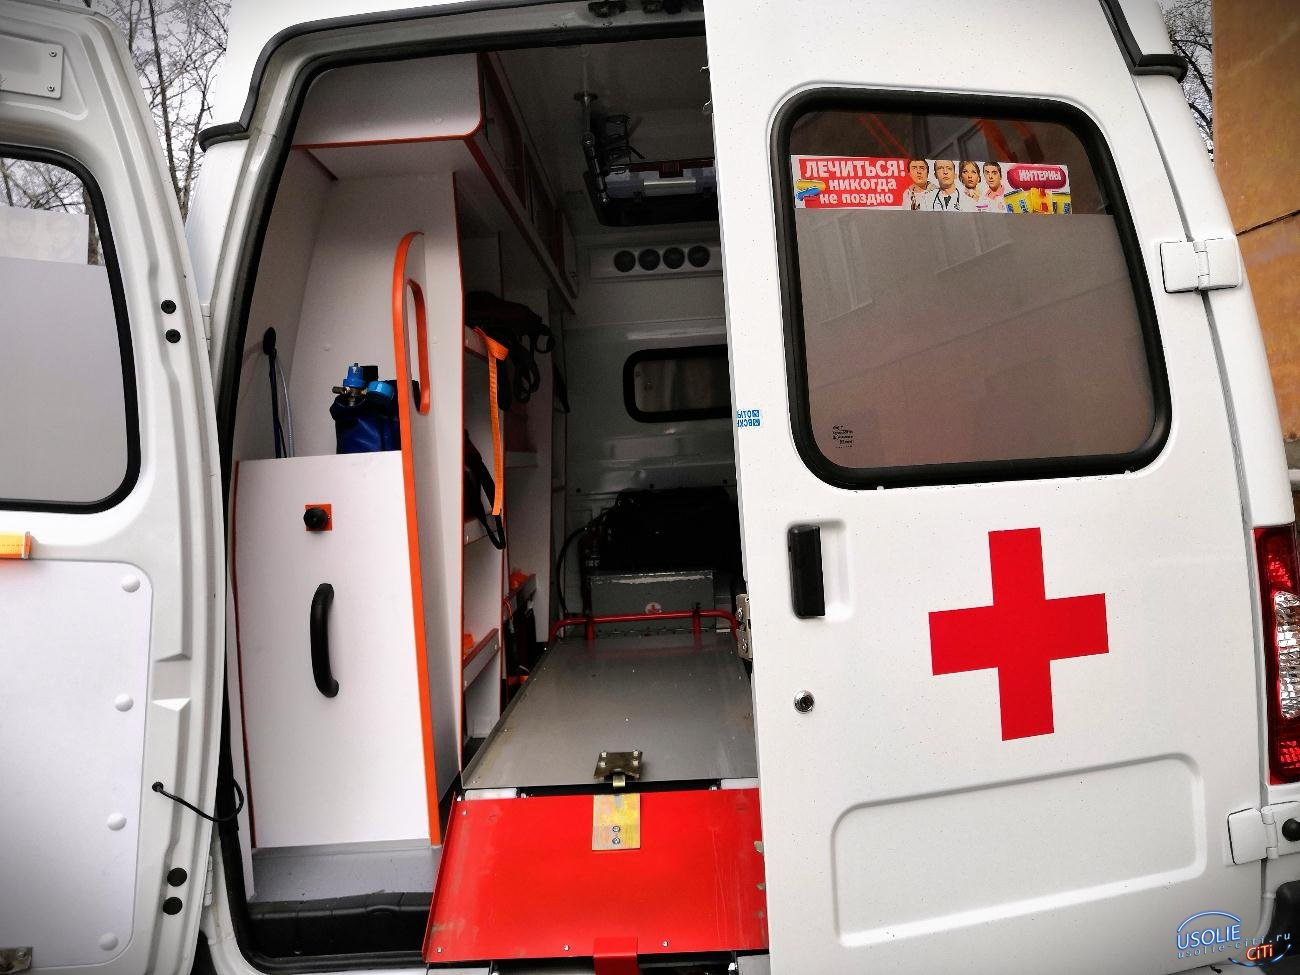 Несовершеннолетняя в Усолье доставлена в медицинское учреждение